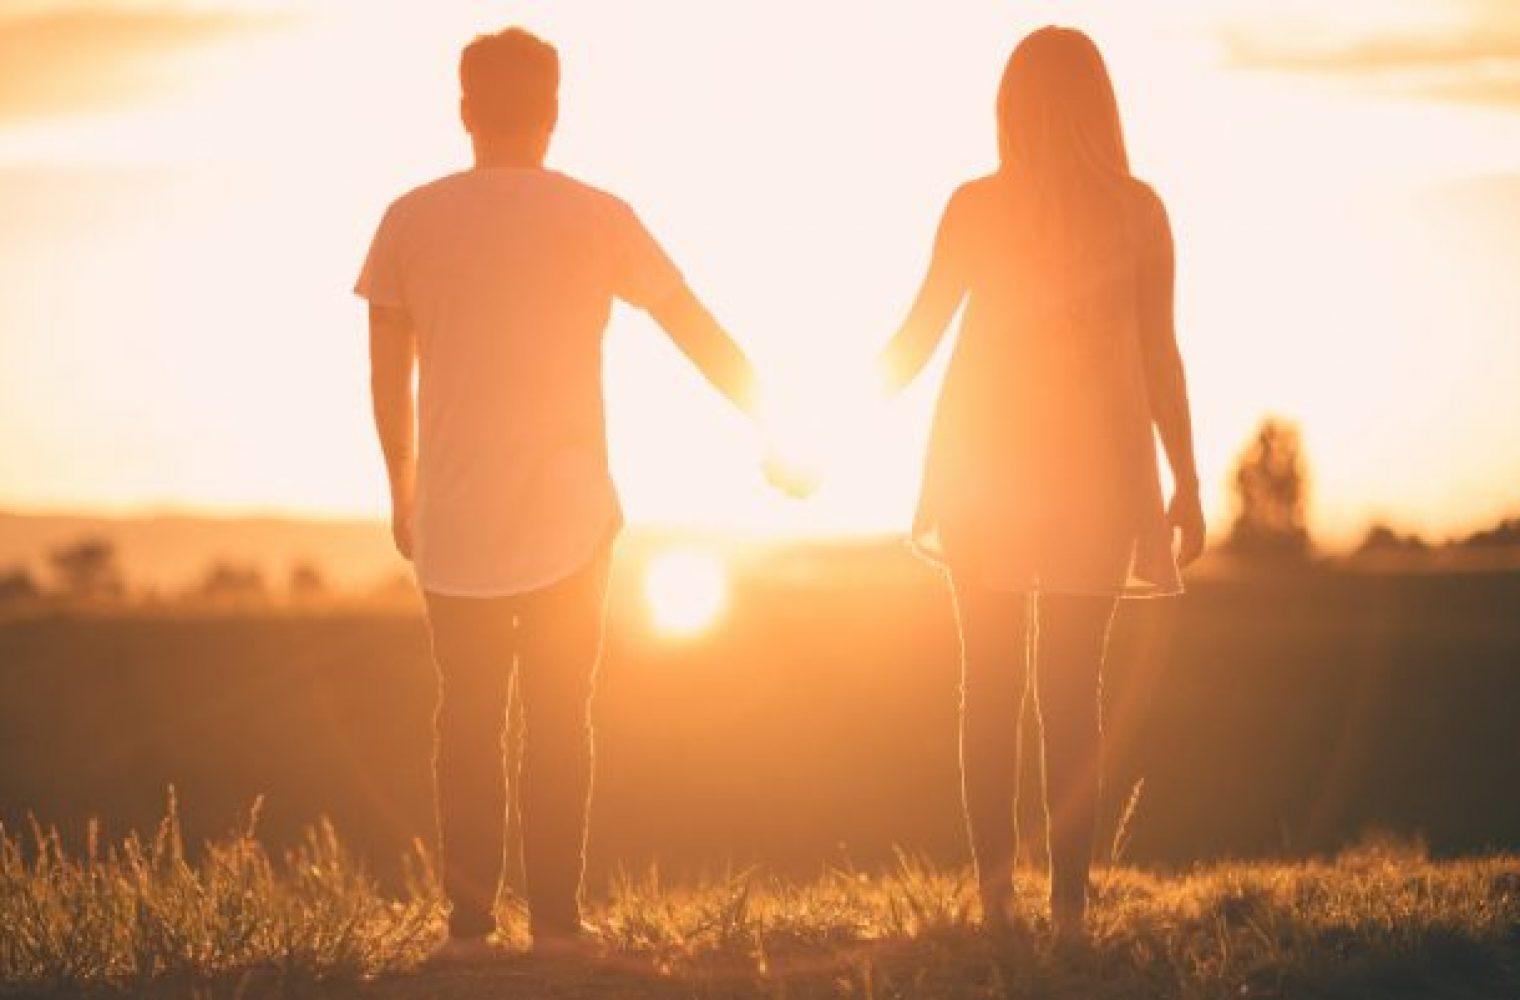 καλύτερος τρόπος για να τερματίσετε μια σχέση γνωριμιών